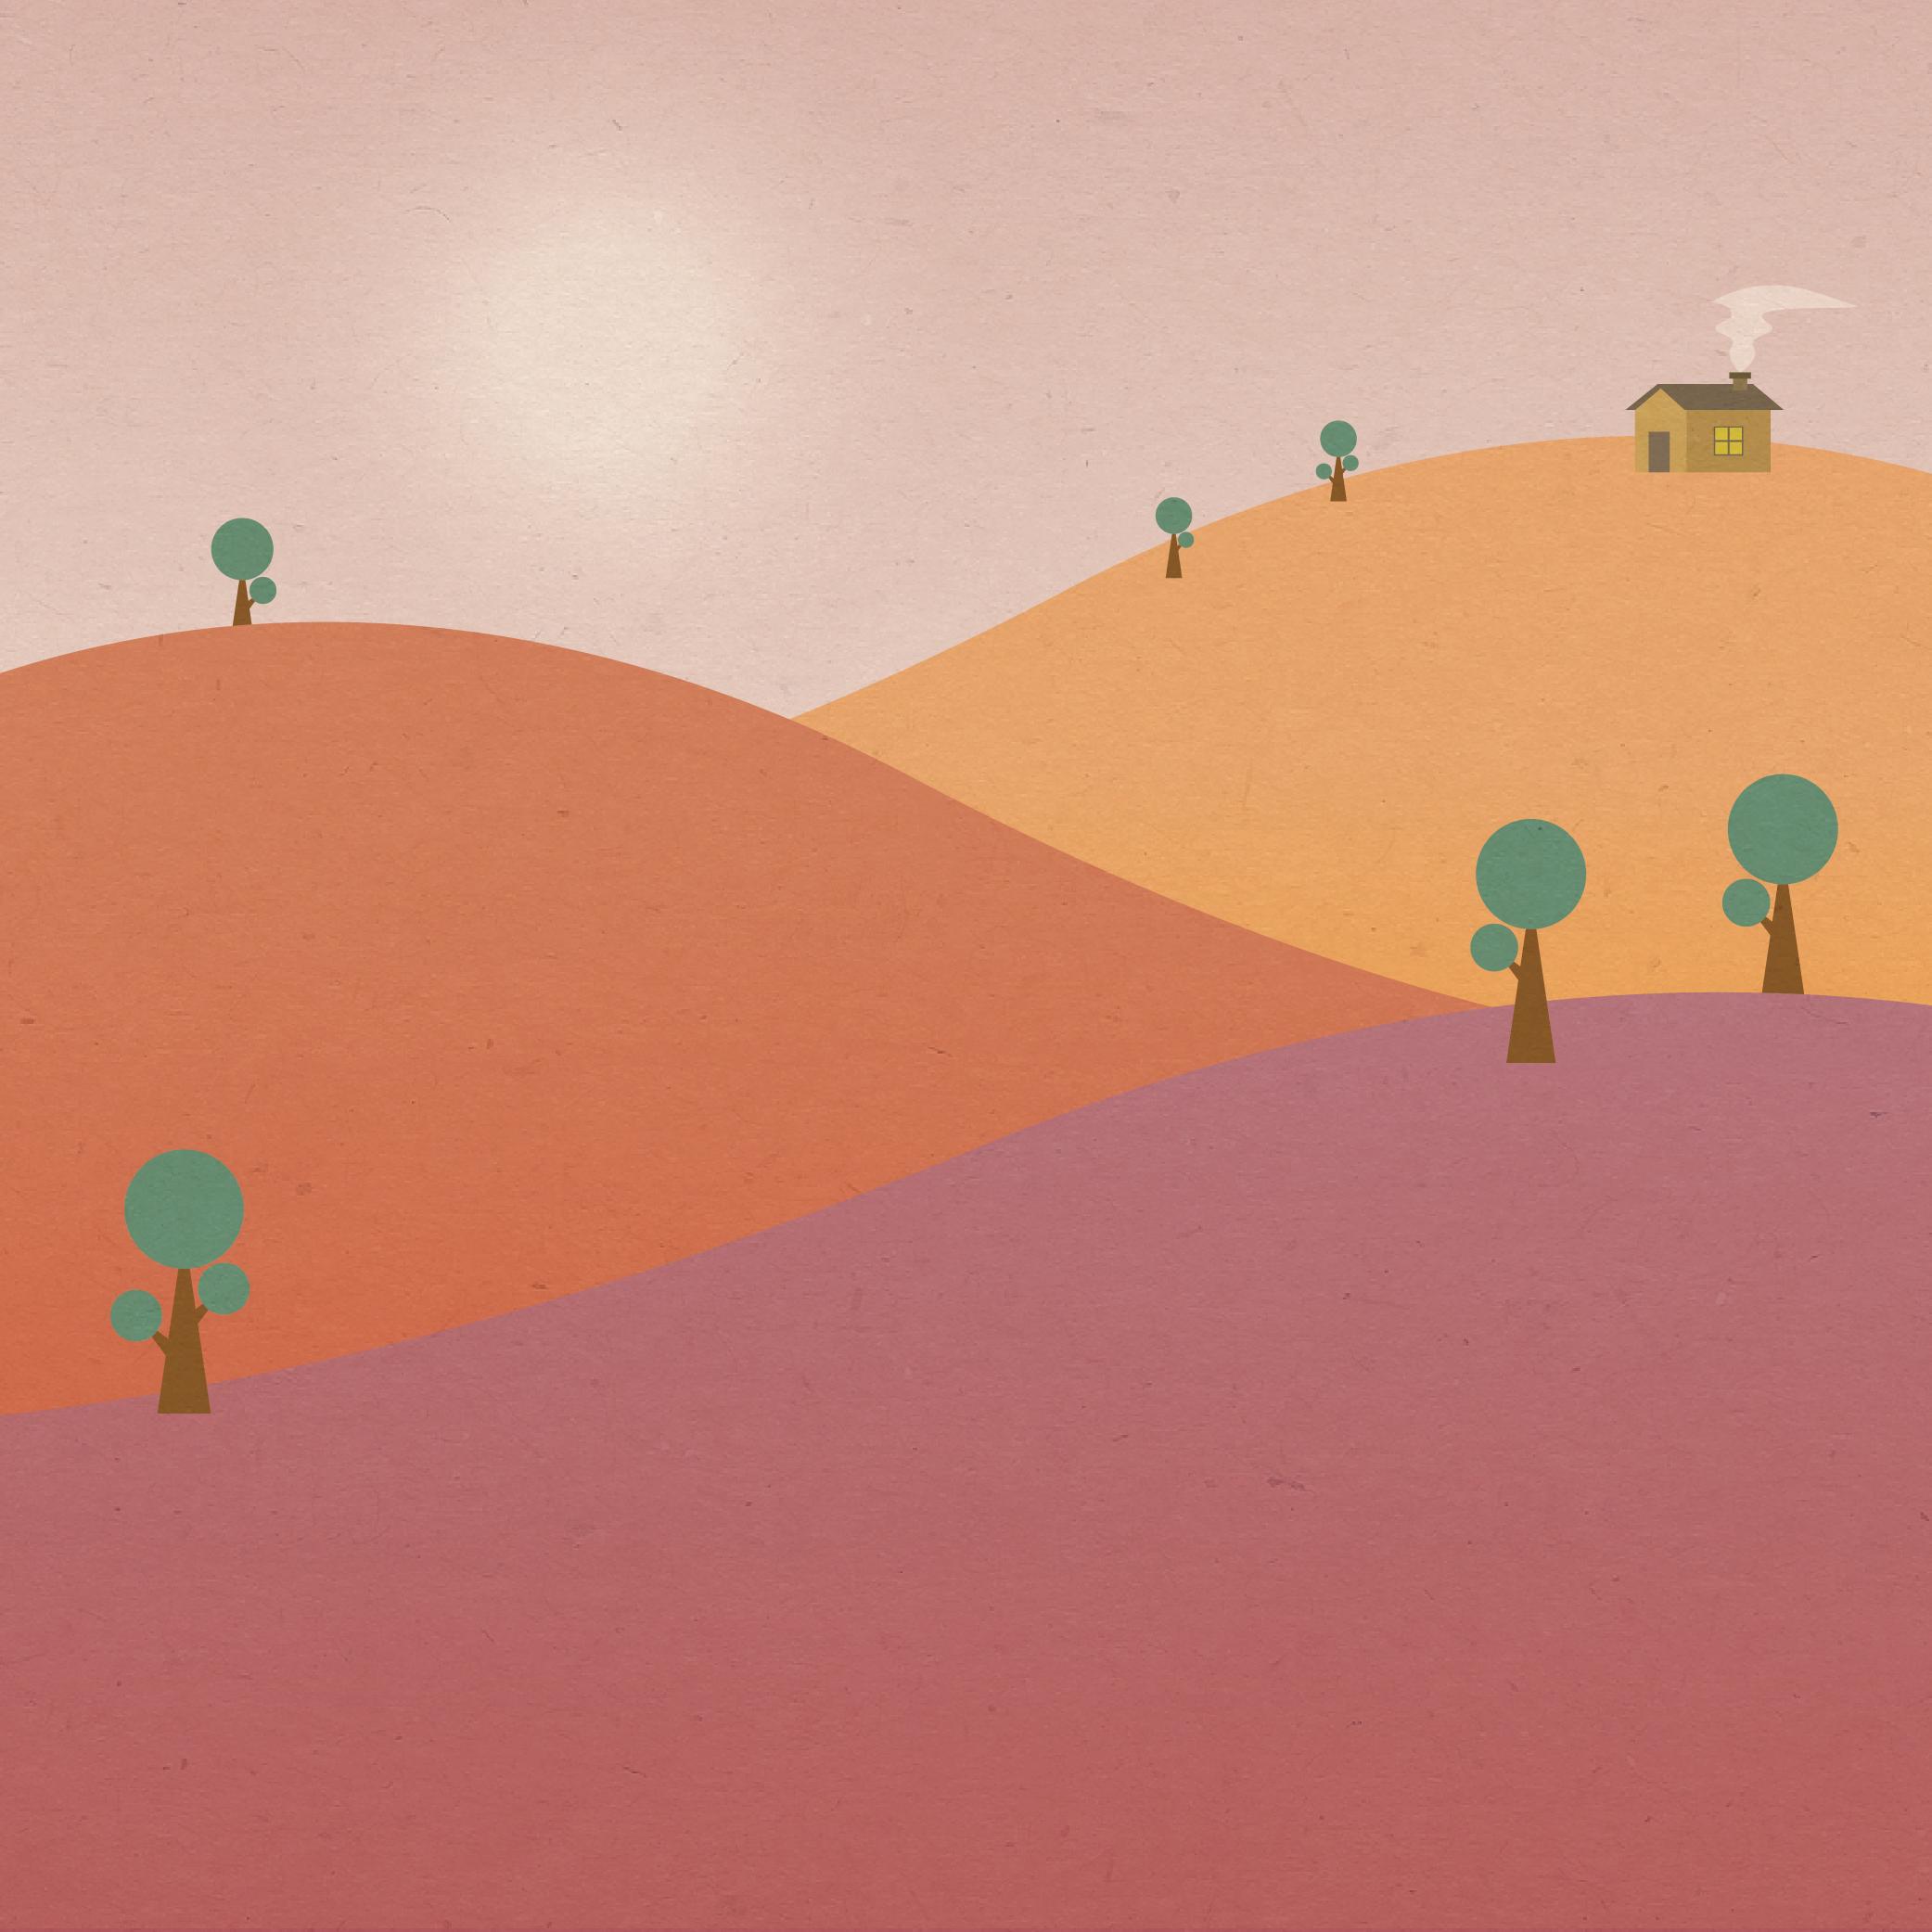 Sunset Hills - Apollo Creative Co - Hampshire Graphic Design